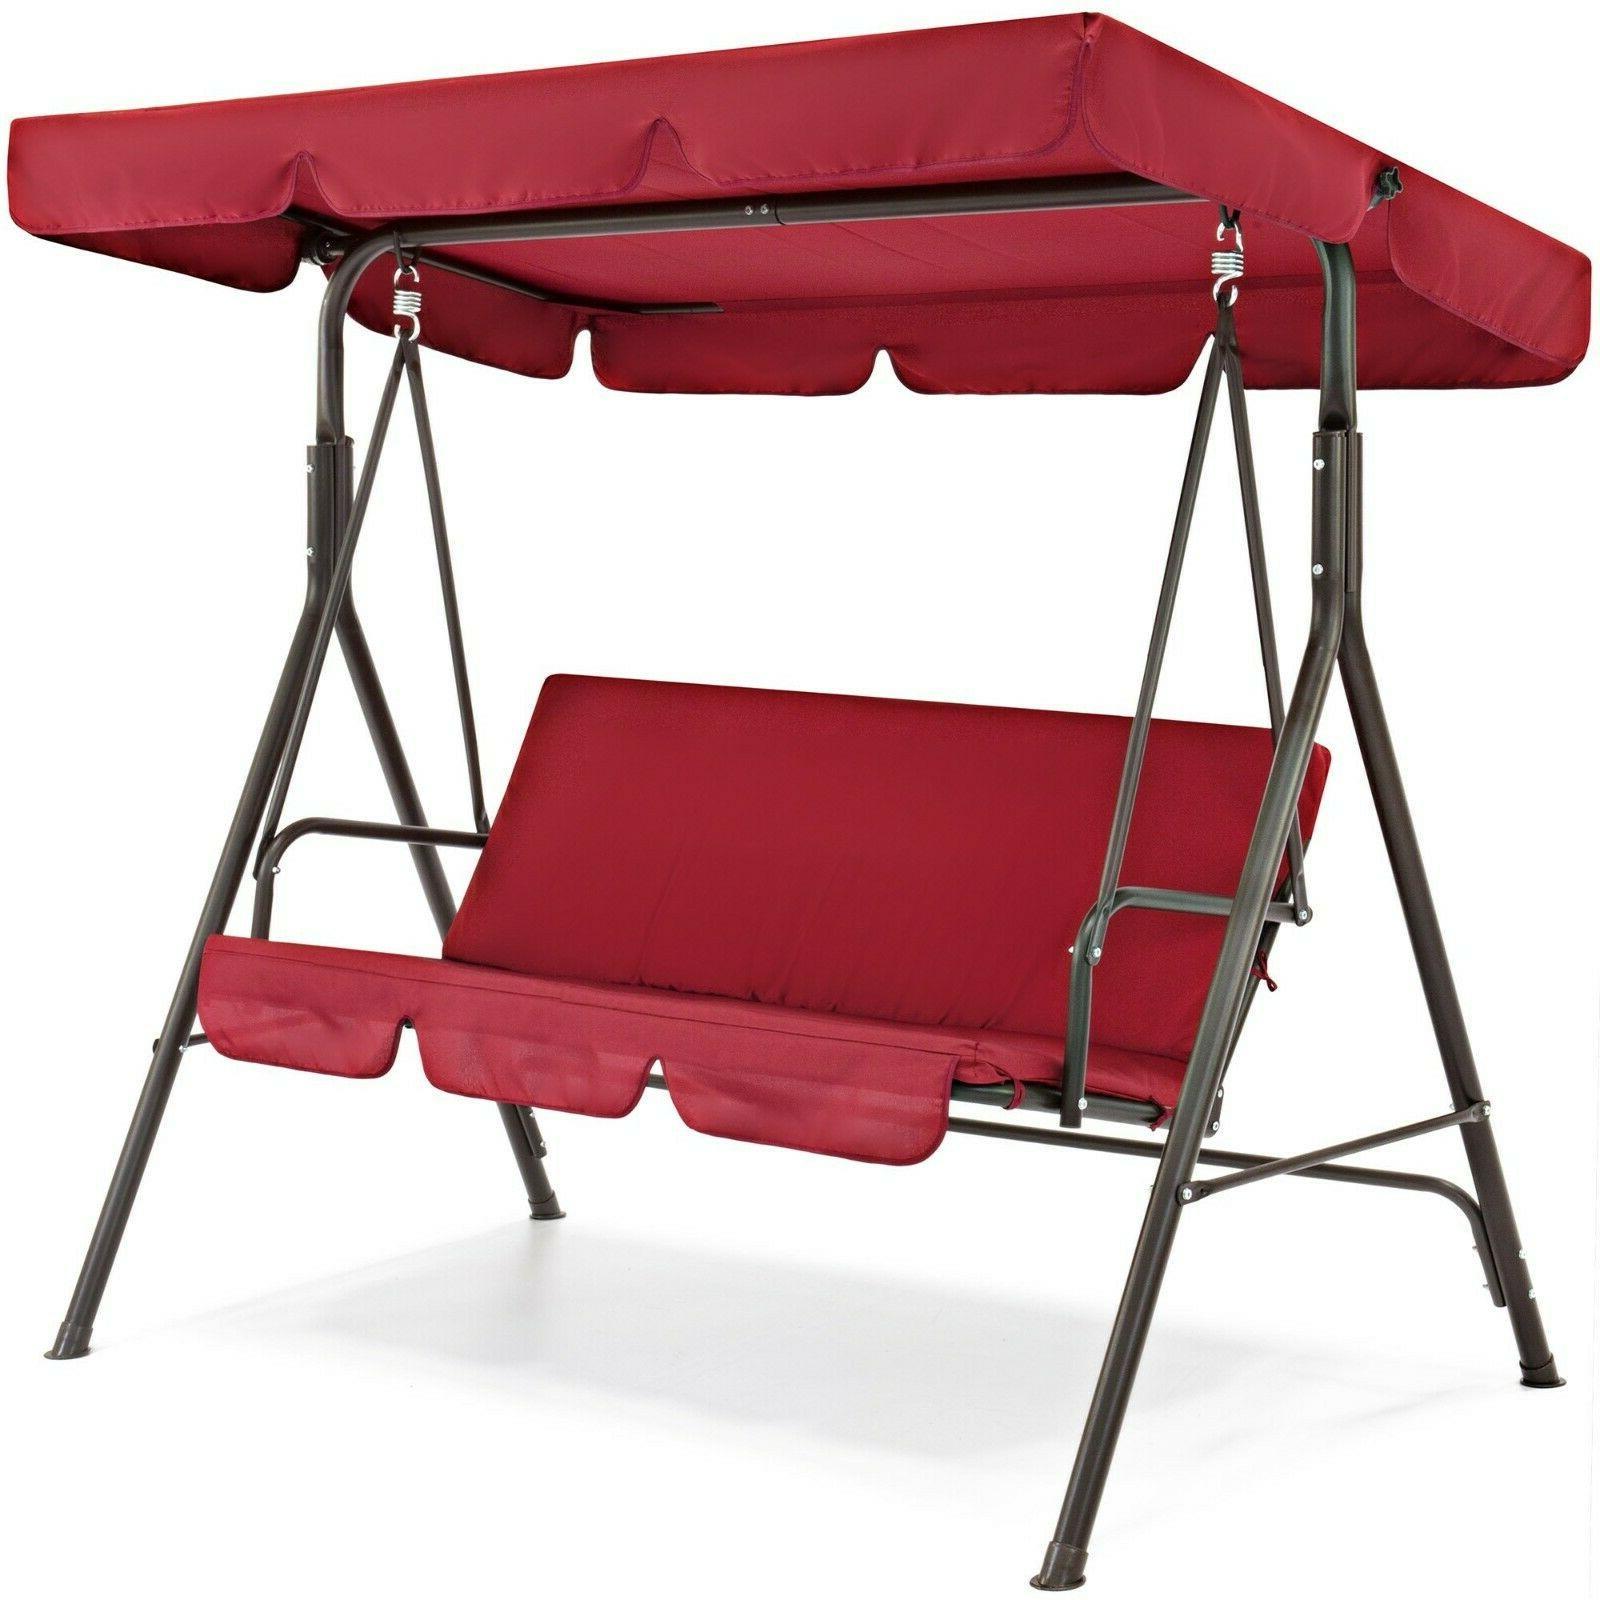 2 Outdoor Swing Bench Patio Steel